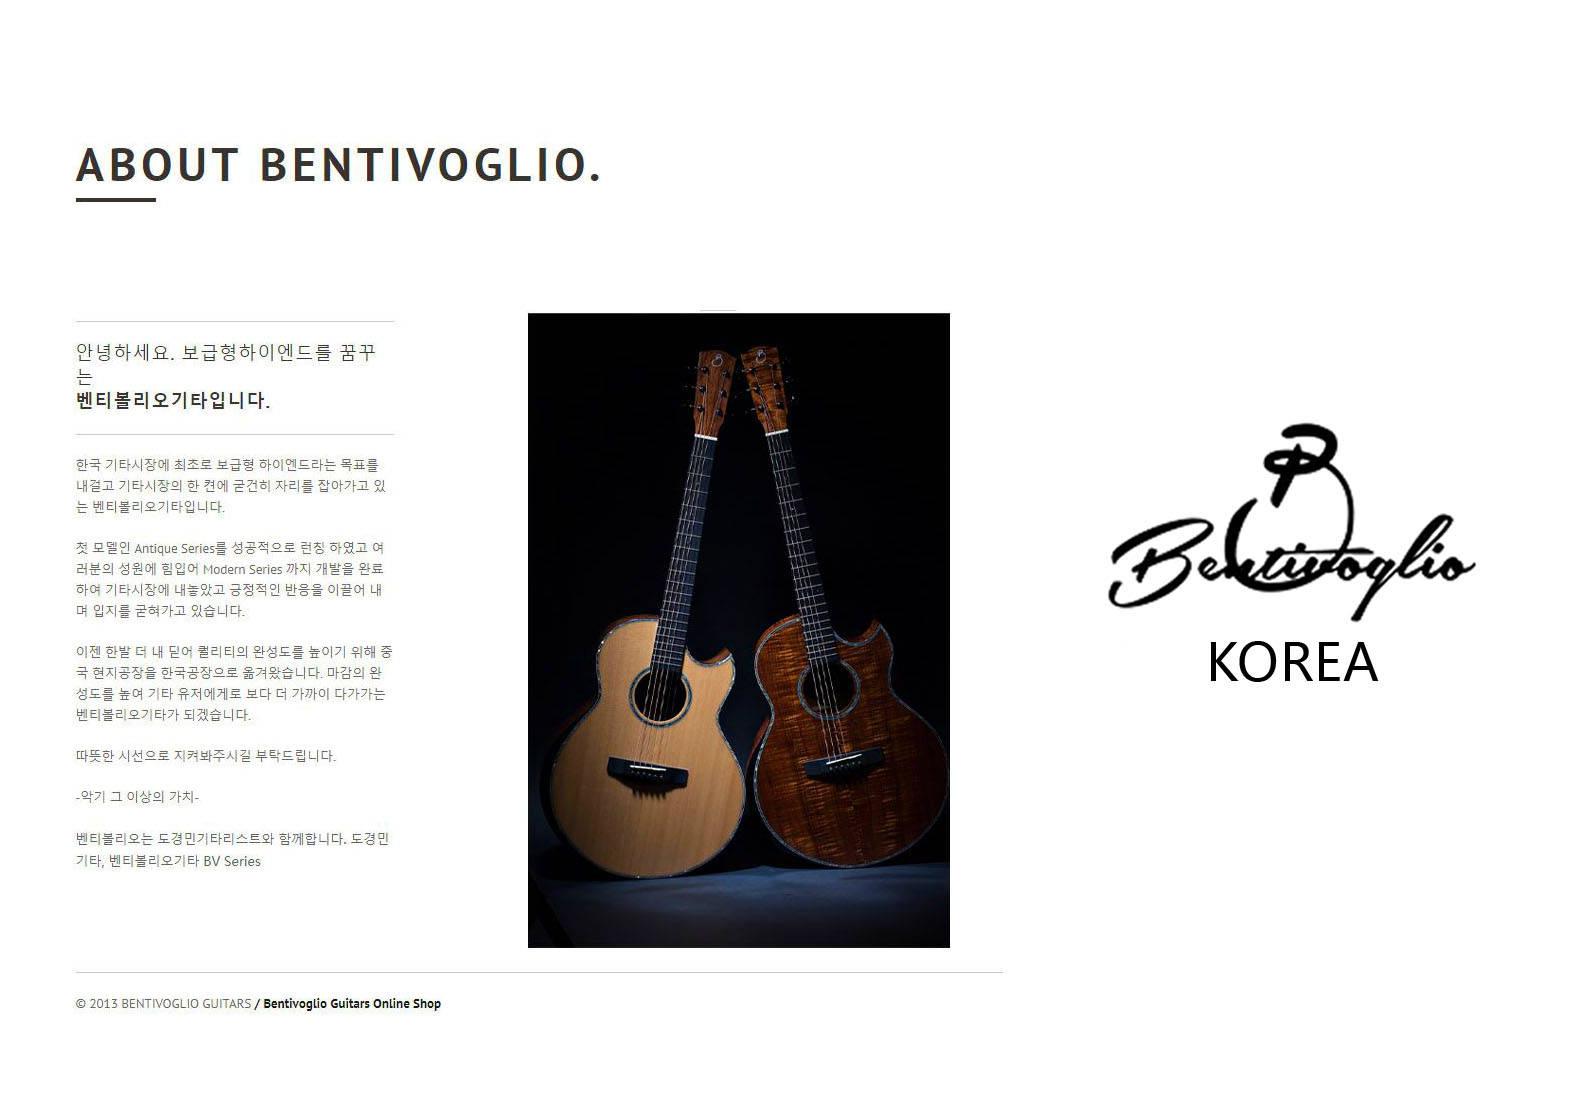 韩国霸榜歌曲《在摇曳的花丛中感受到了你的洗发水香气》本蒂奥 J1513吉他音色